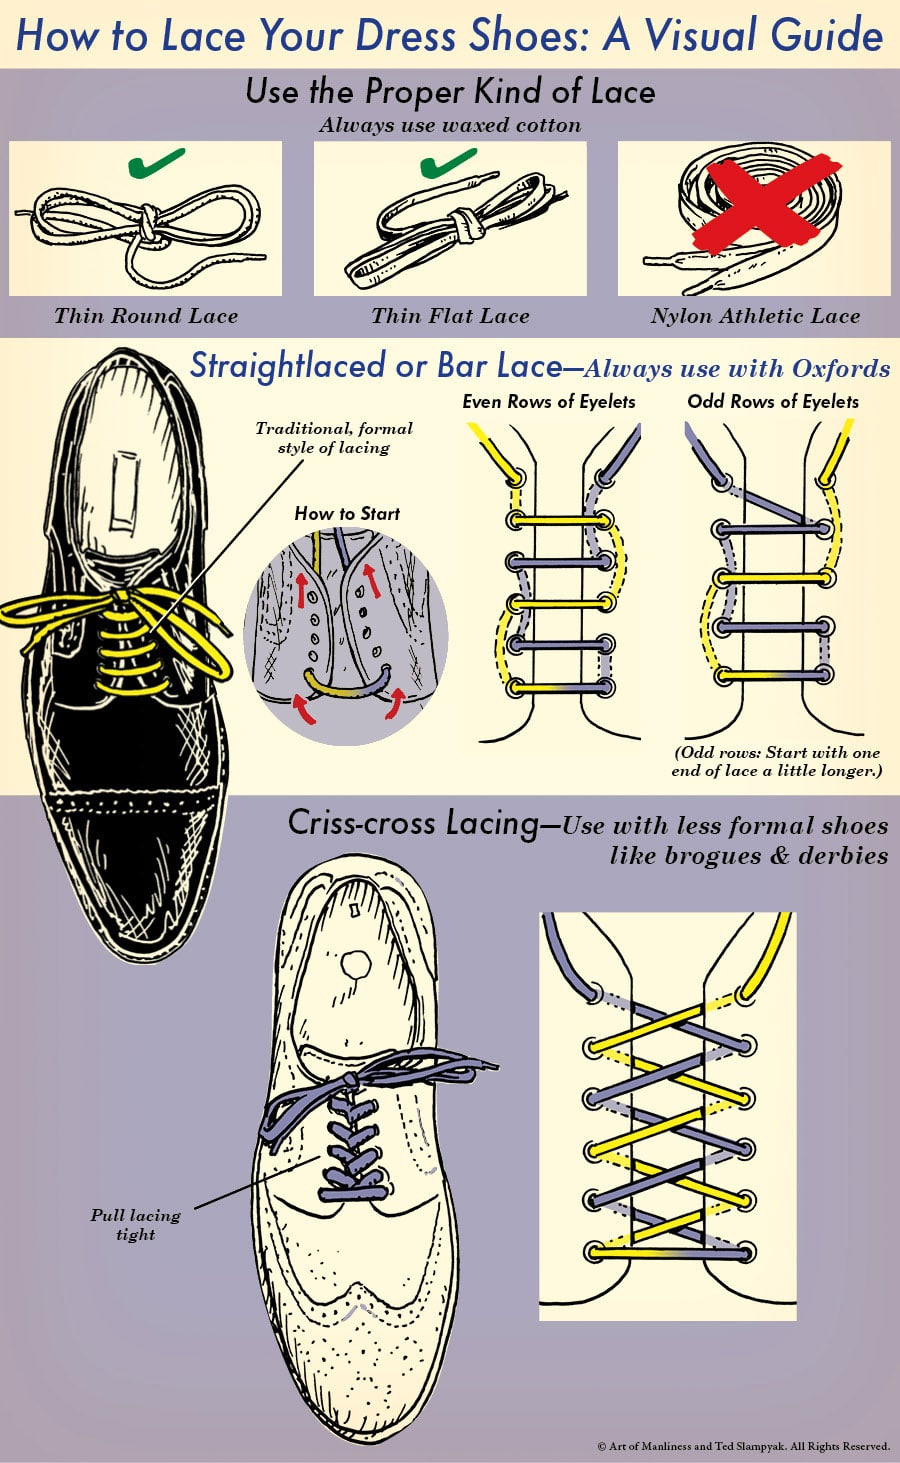 Lace-Dress-Shoes-2